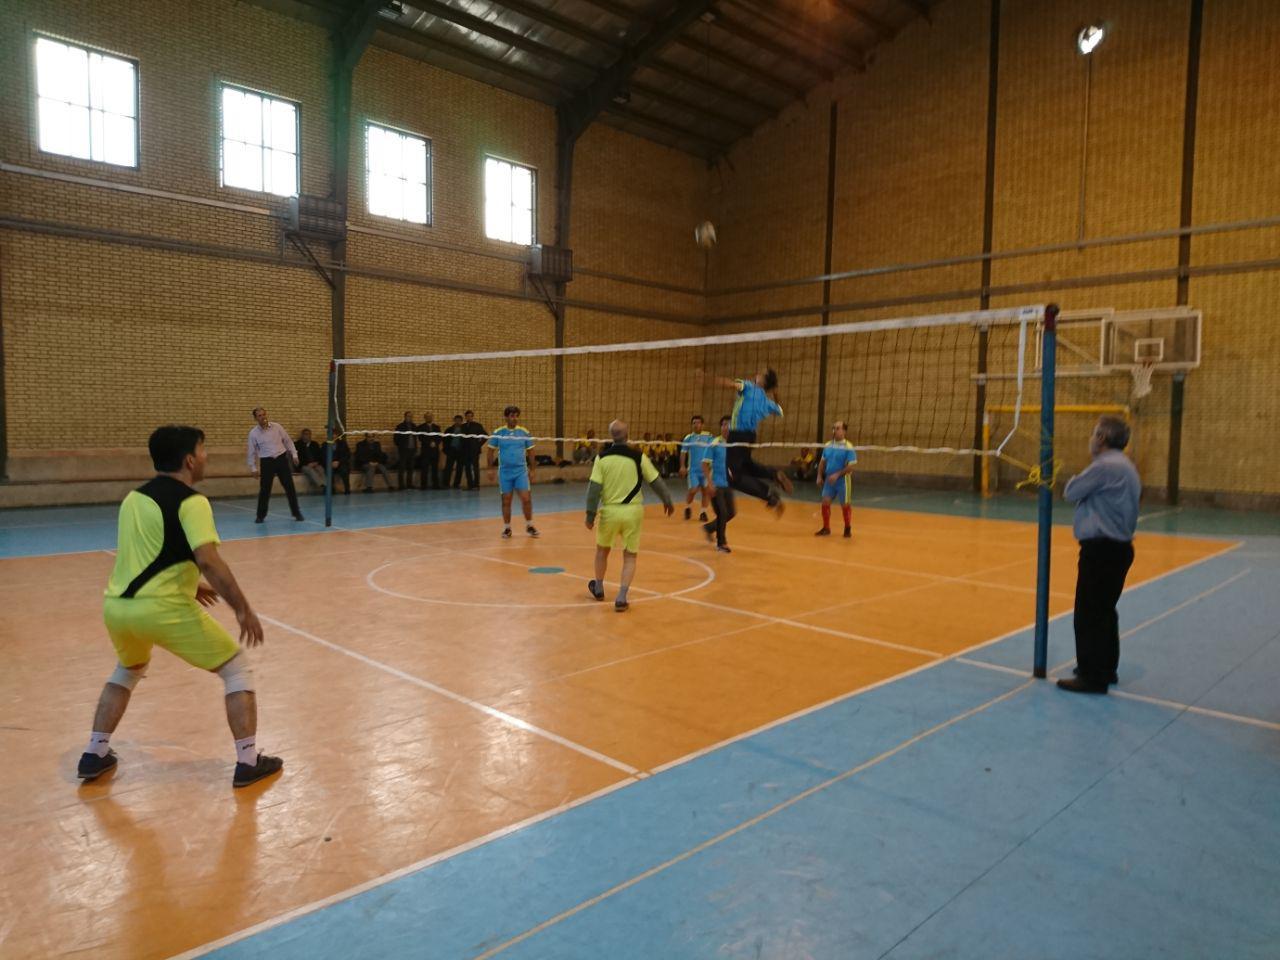 آغاز مسابقات والیبال همکاران منطقه 16در سالن شهید داود مجیدی